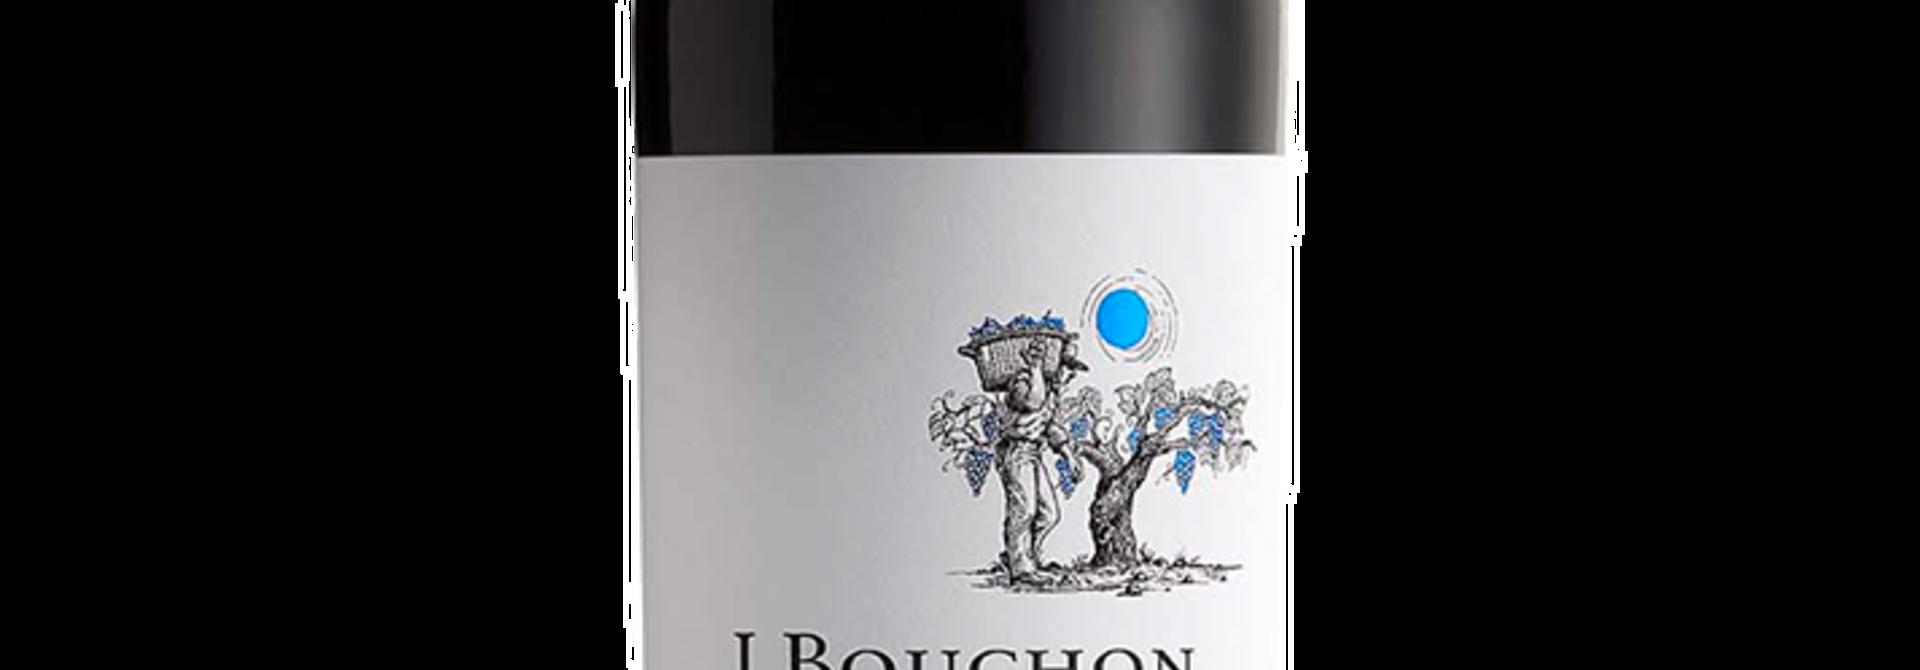 Merlot Reserva 2018, Bouchon